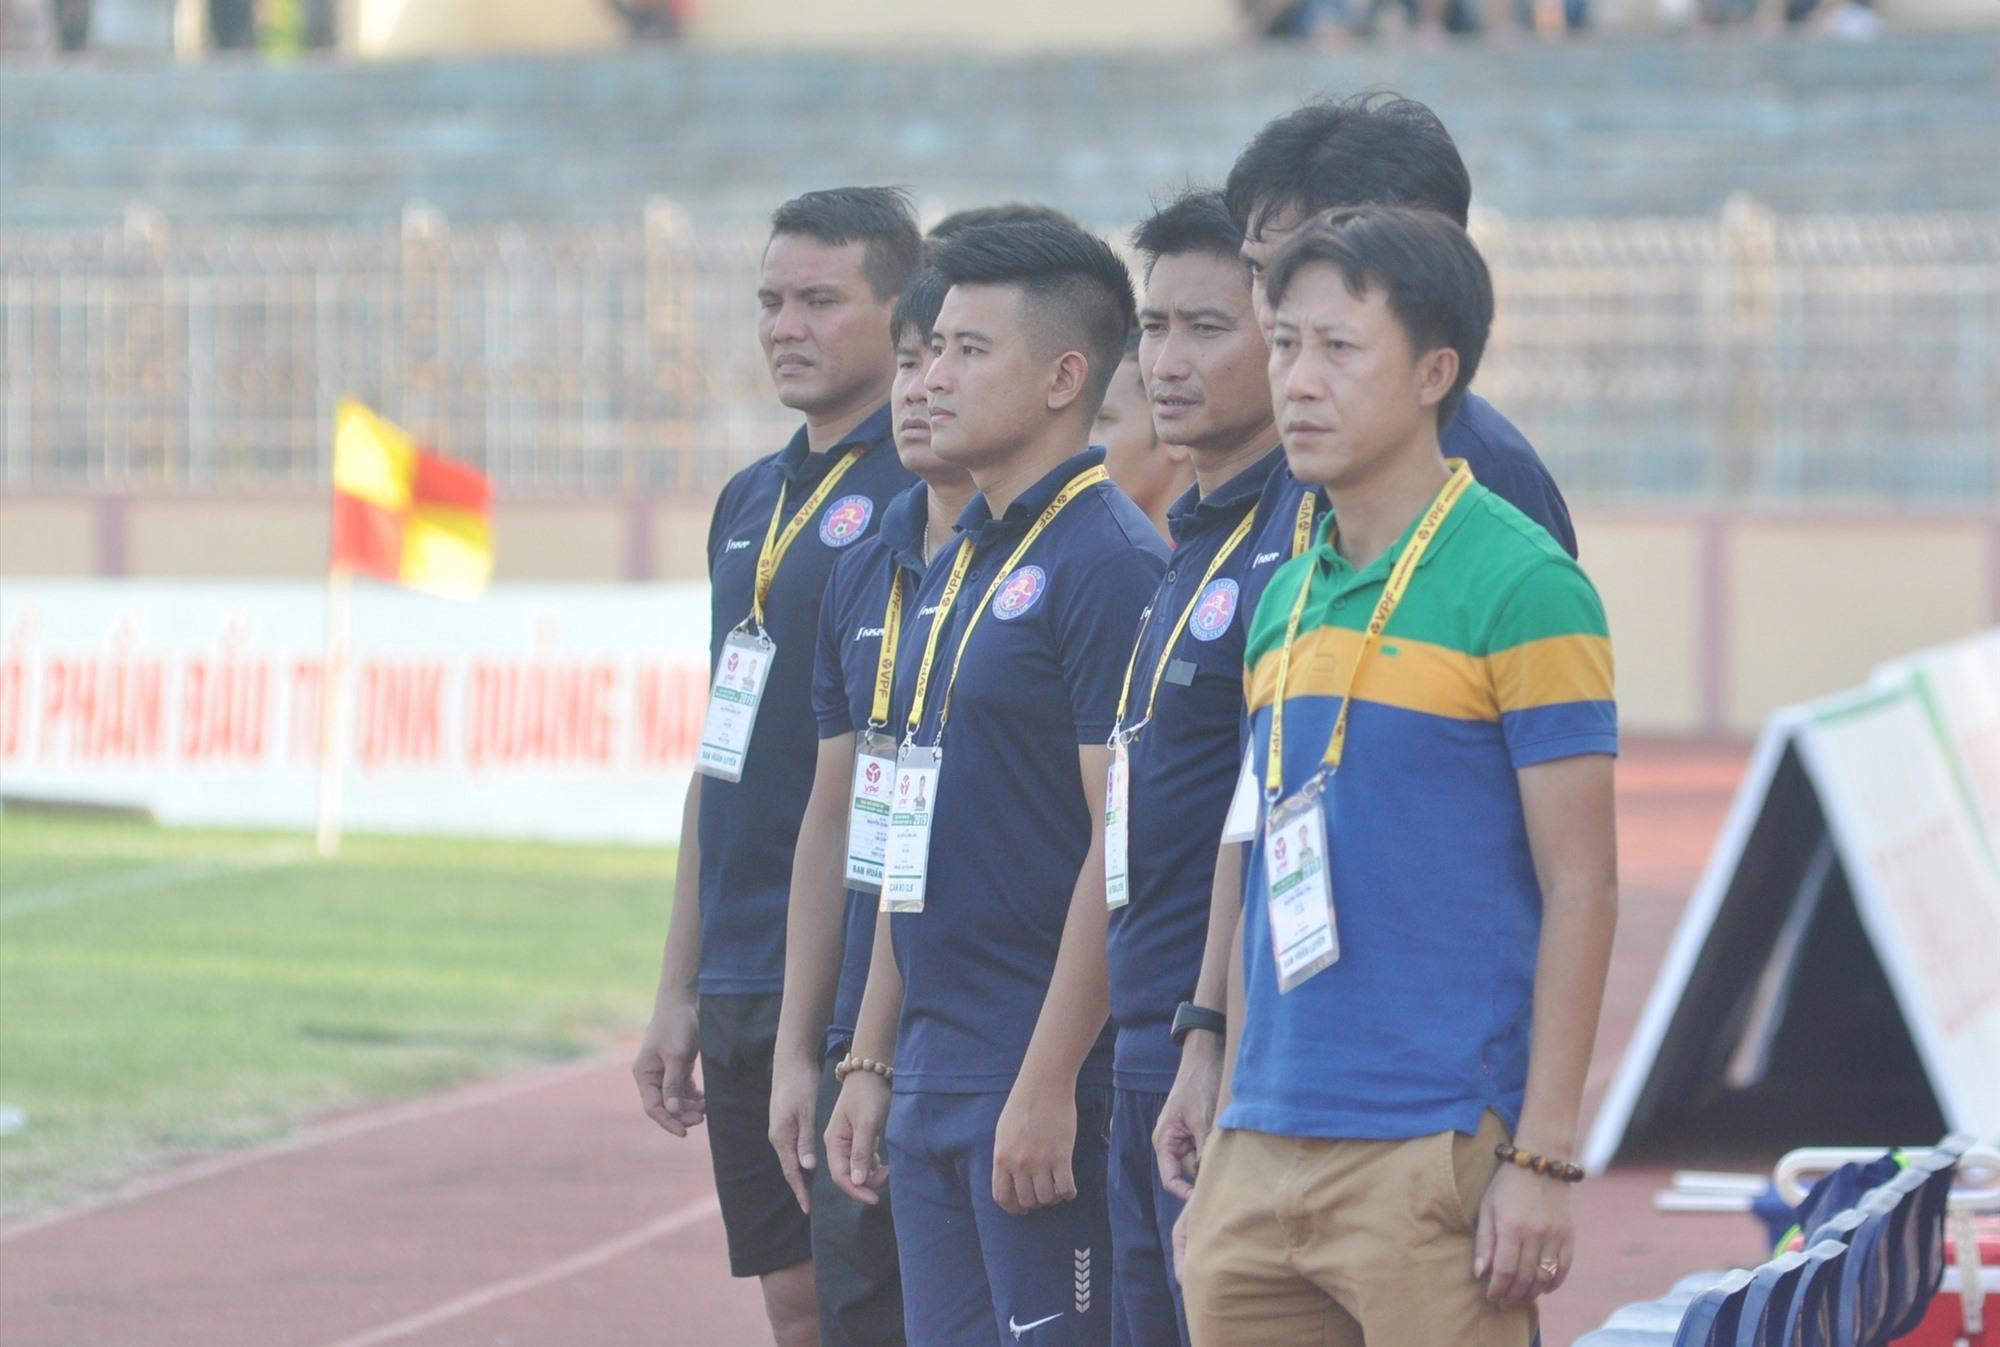 Tân HLV trưởng Nguyễn Thành Công dẫn dắt Quảng Nam đối đầu với đội bóng cũ Thanh Hóa vào chiều 15.10. Ảnh: A.Nhi